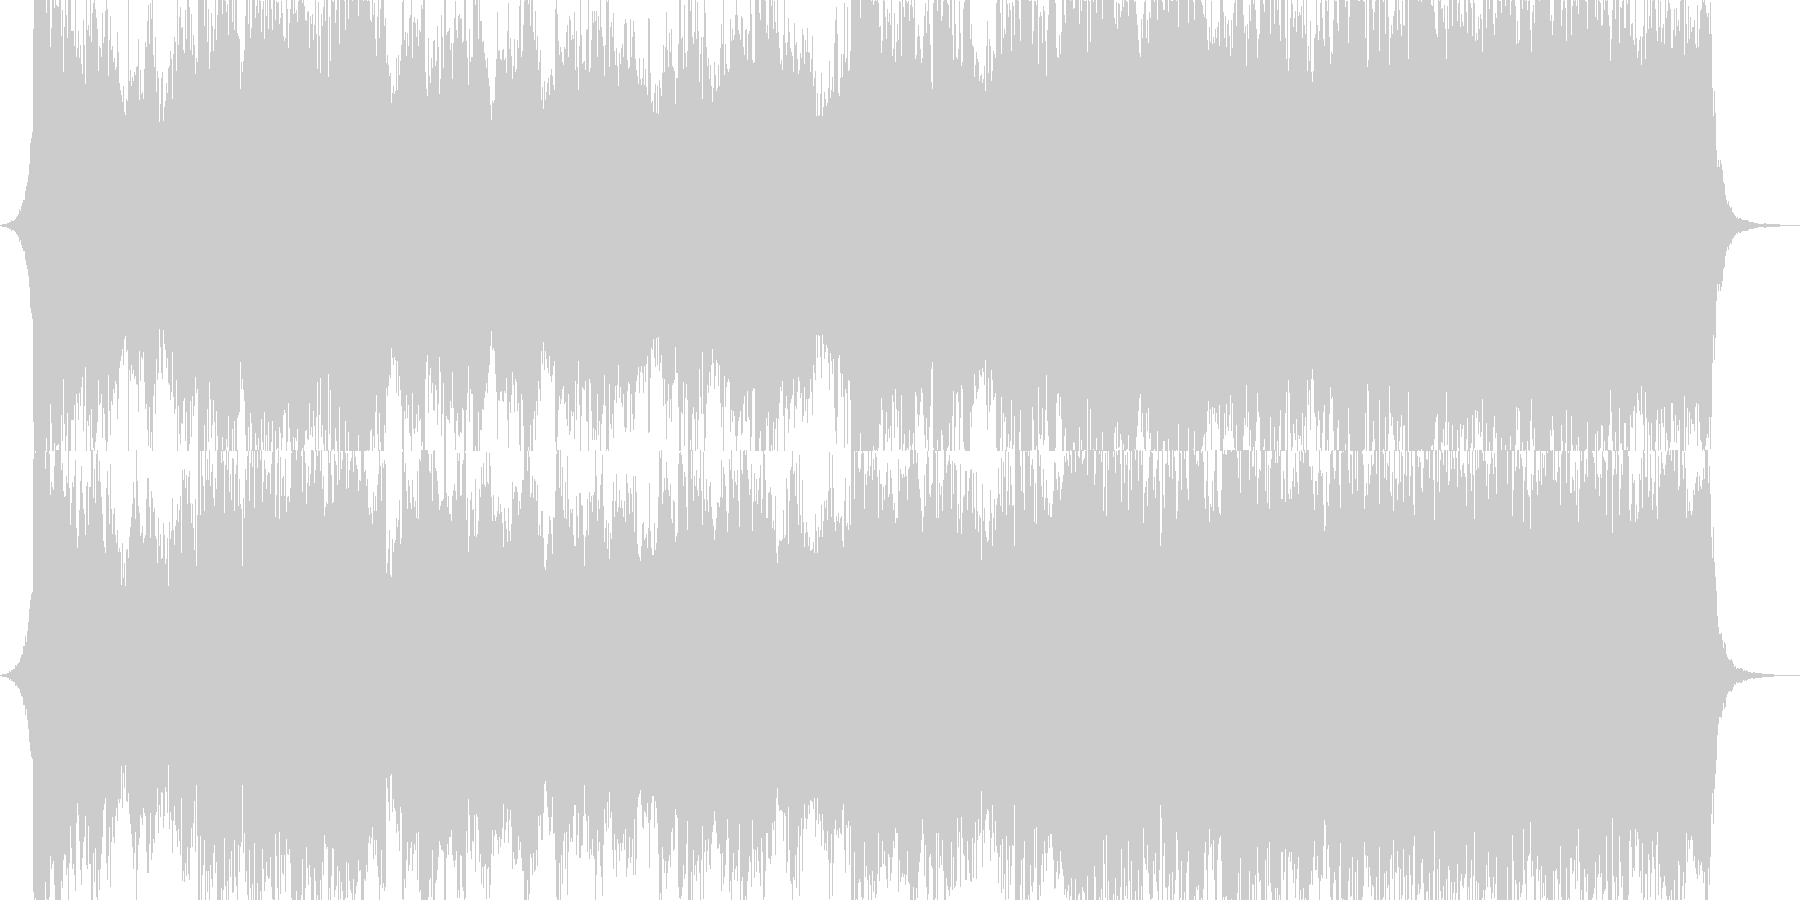 壮大で悲愴なオーケストラの未再生の波形